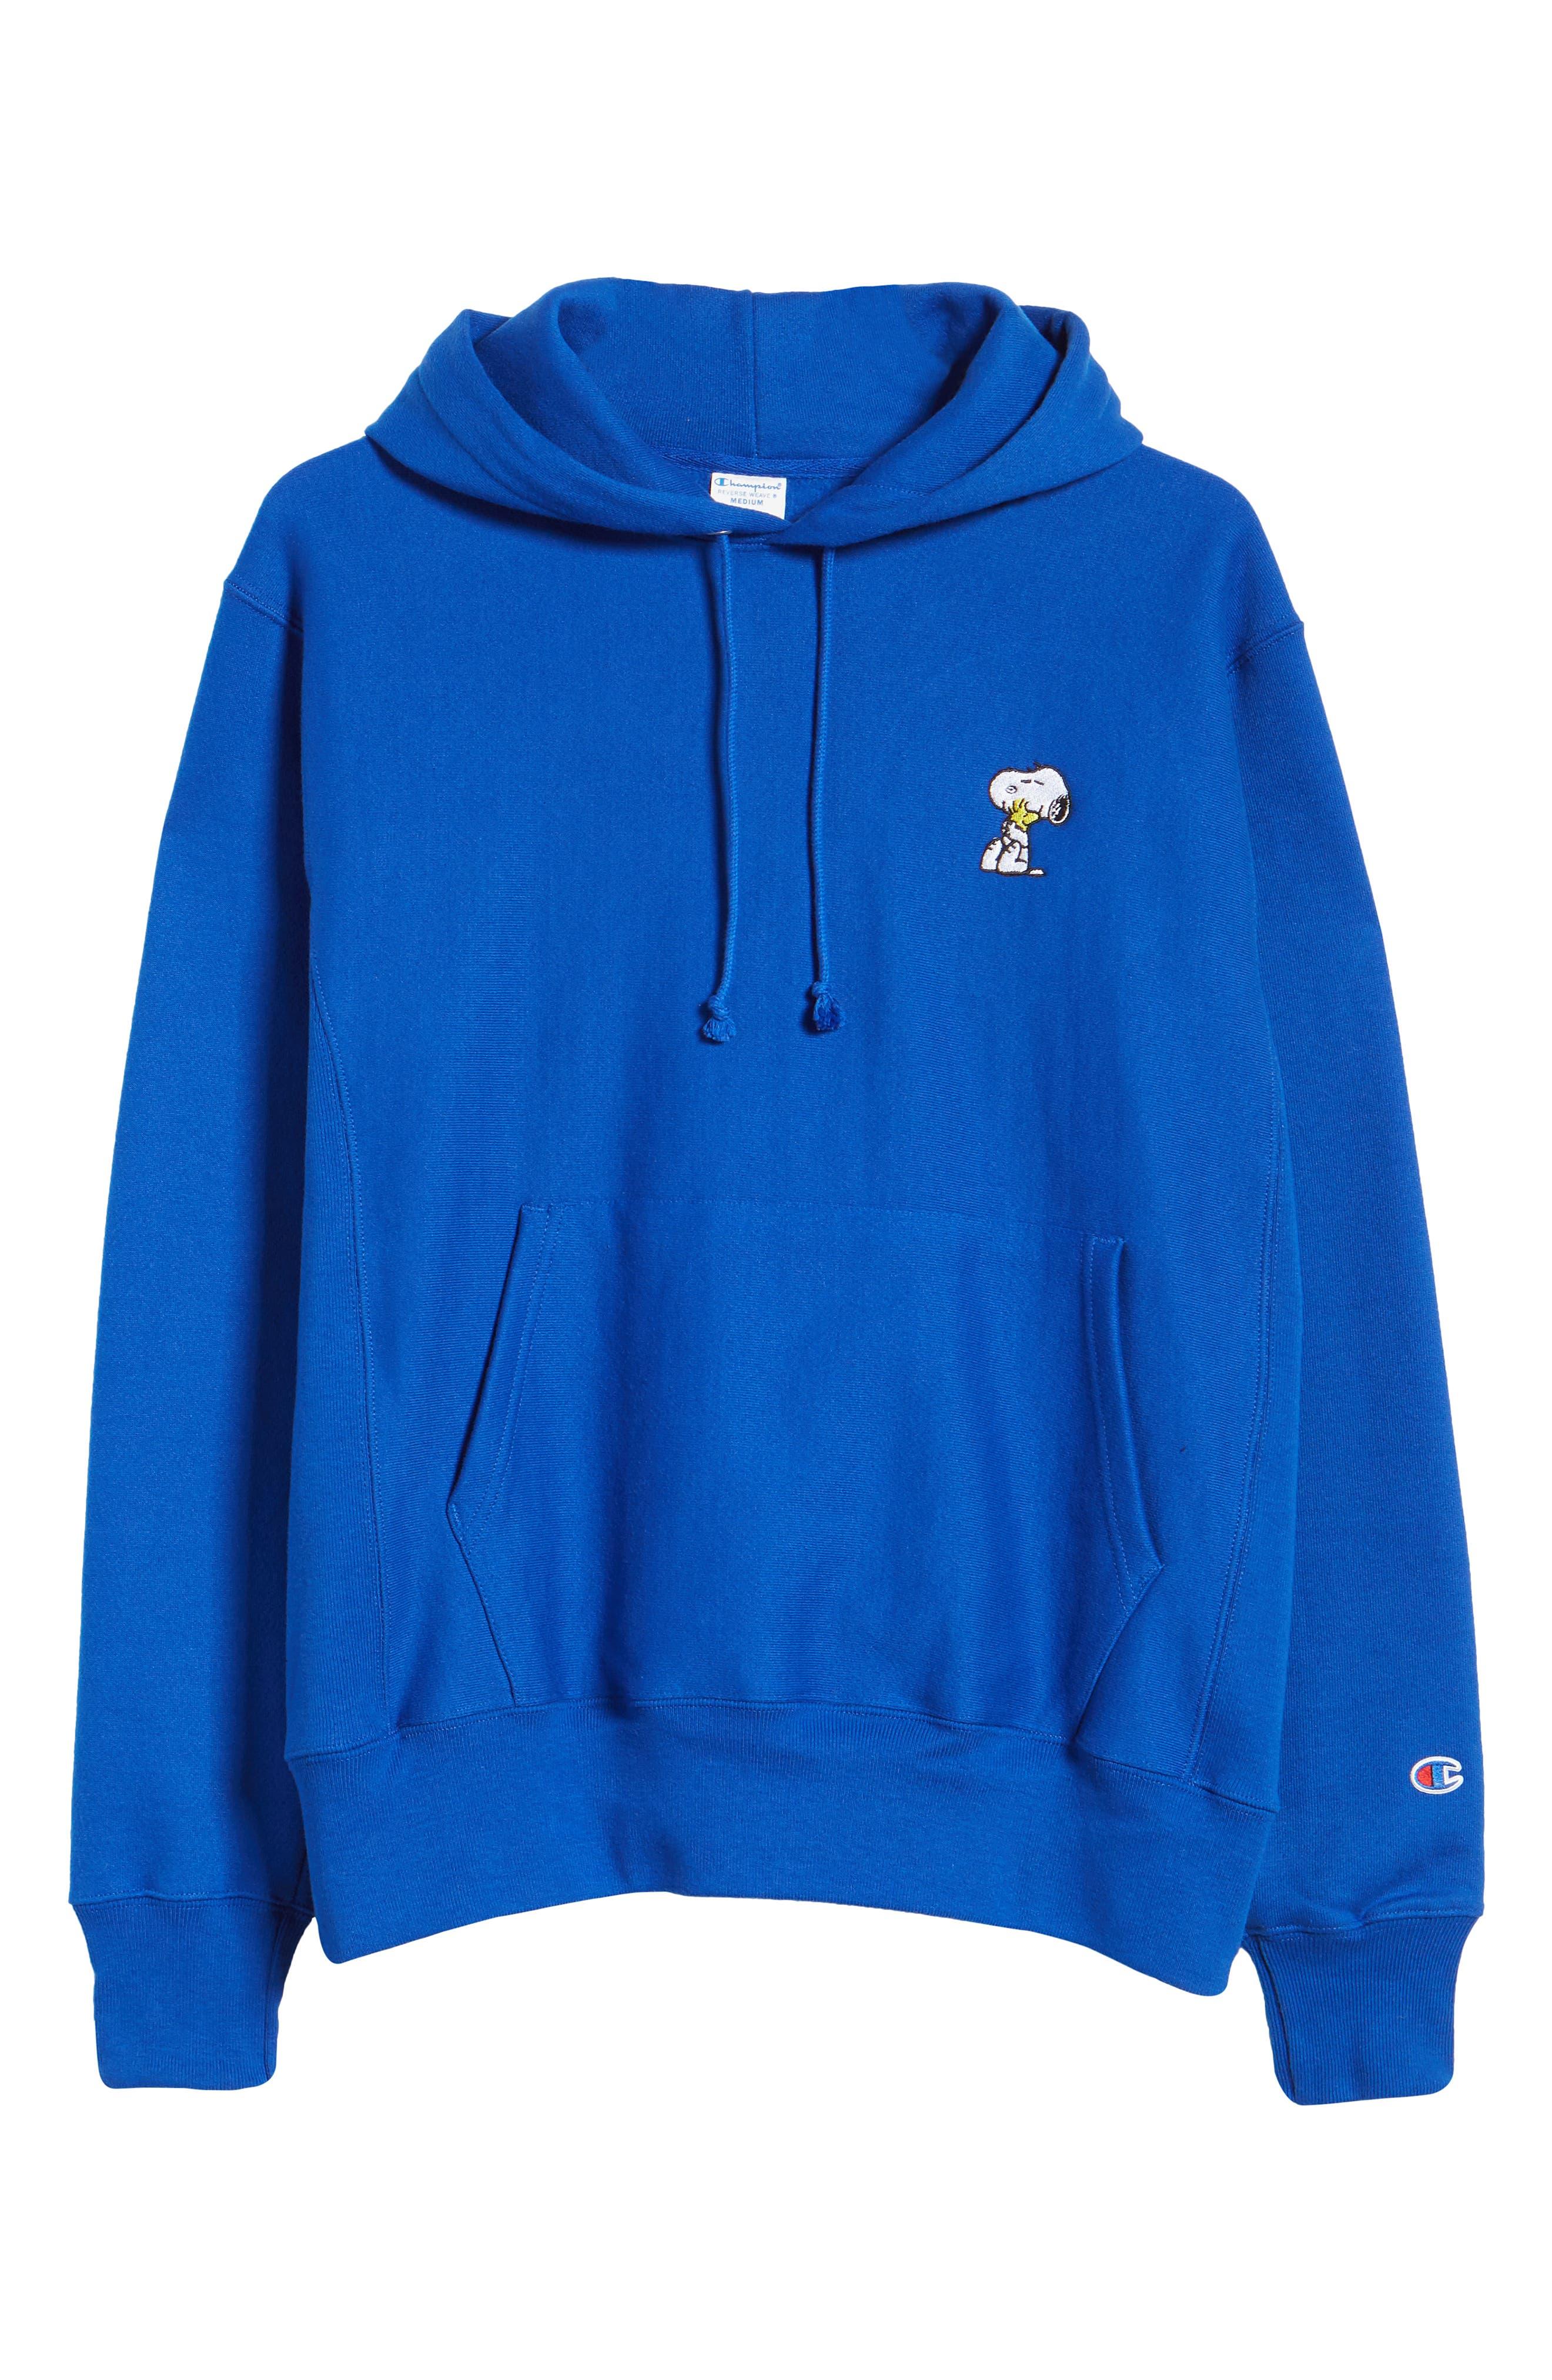 Champion x Peanuts® Snoopy Hug Hoodie (Nordstrom Exclusive)